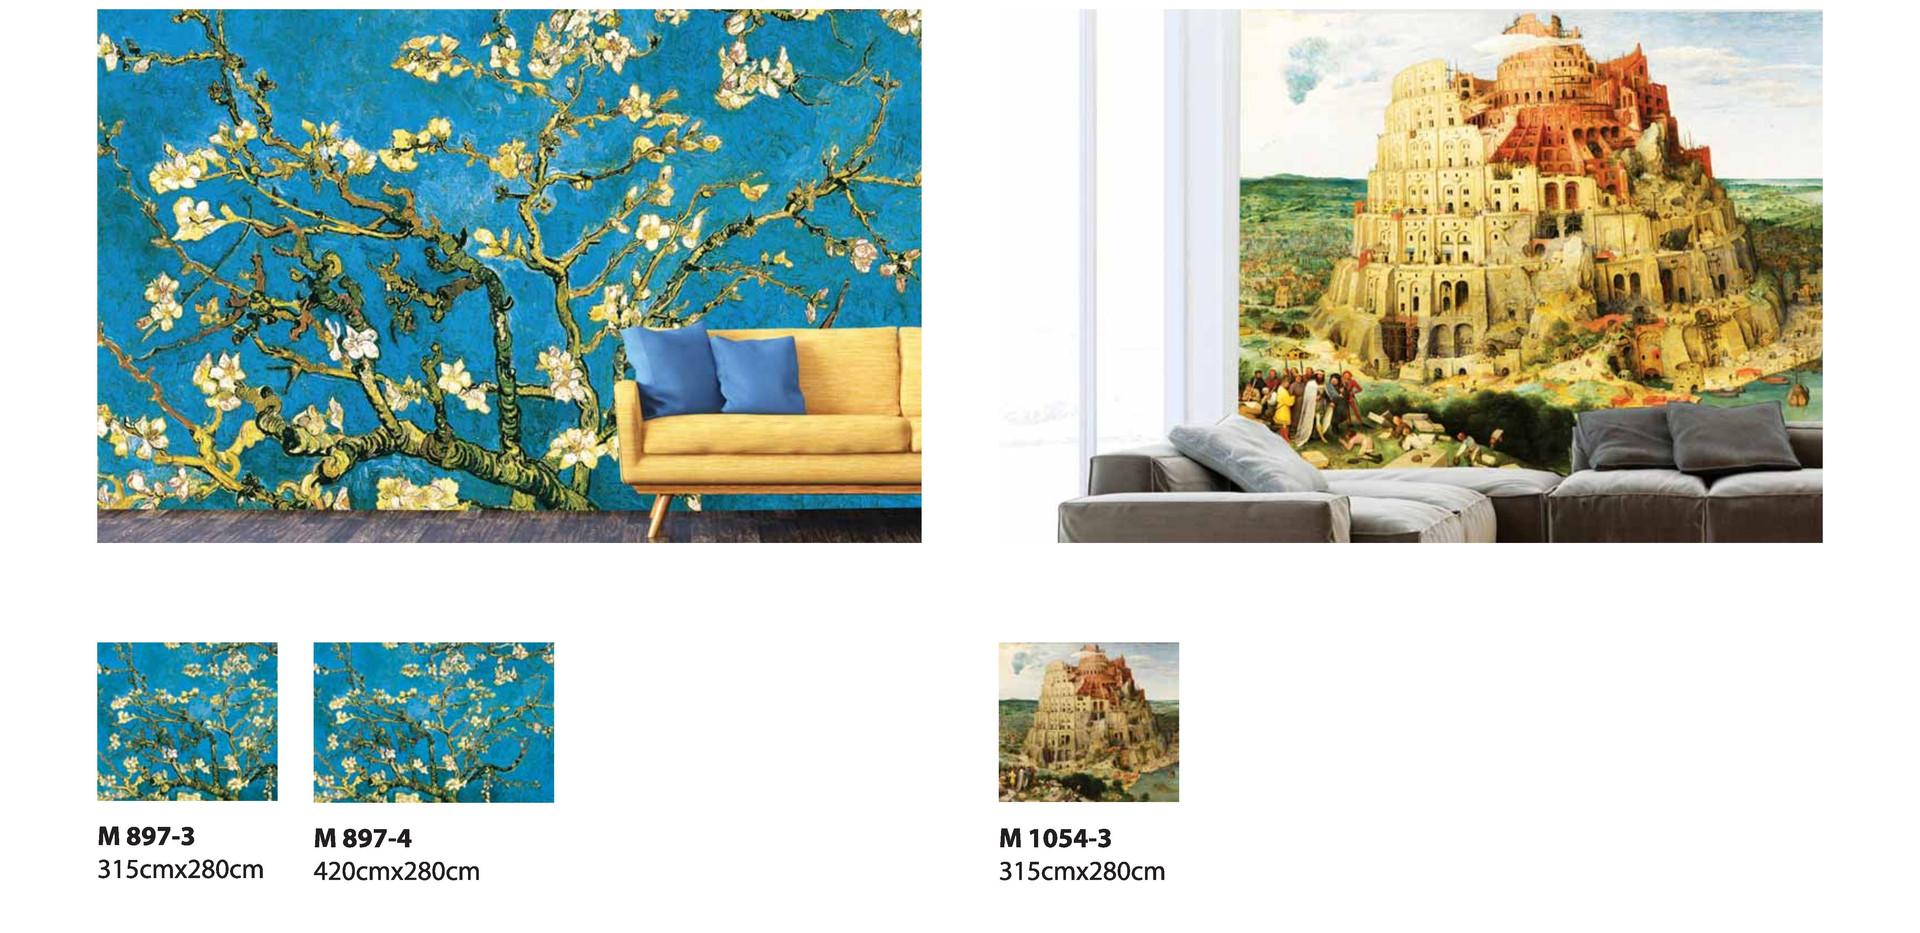 Moneta MURAL katalog-page-038.jpg